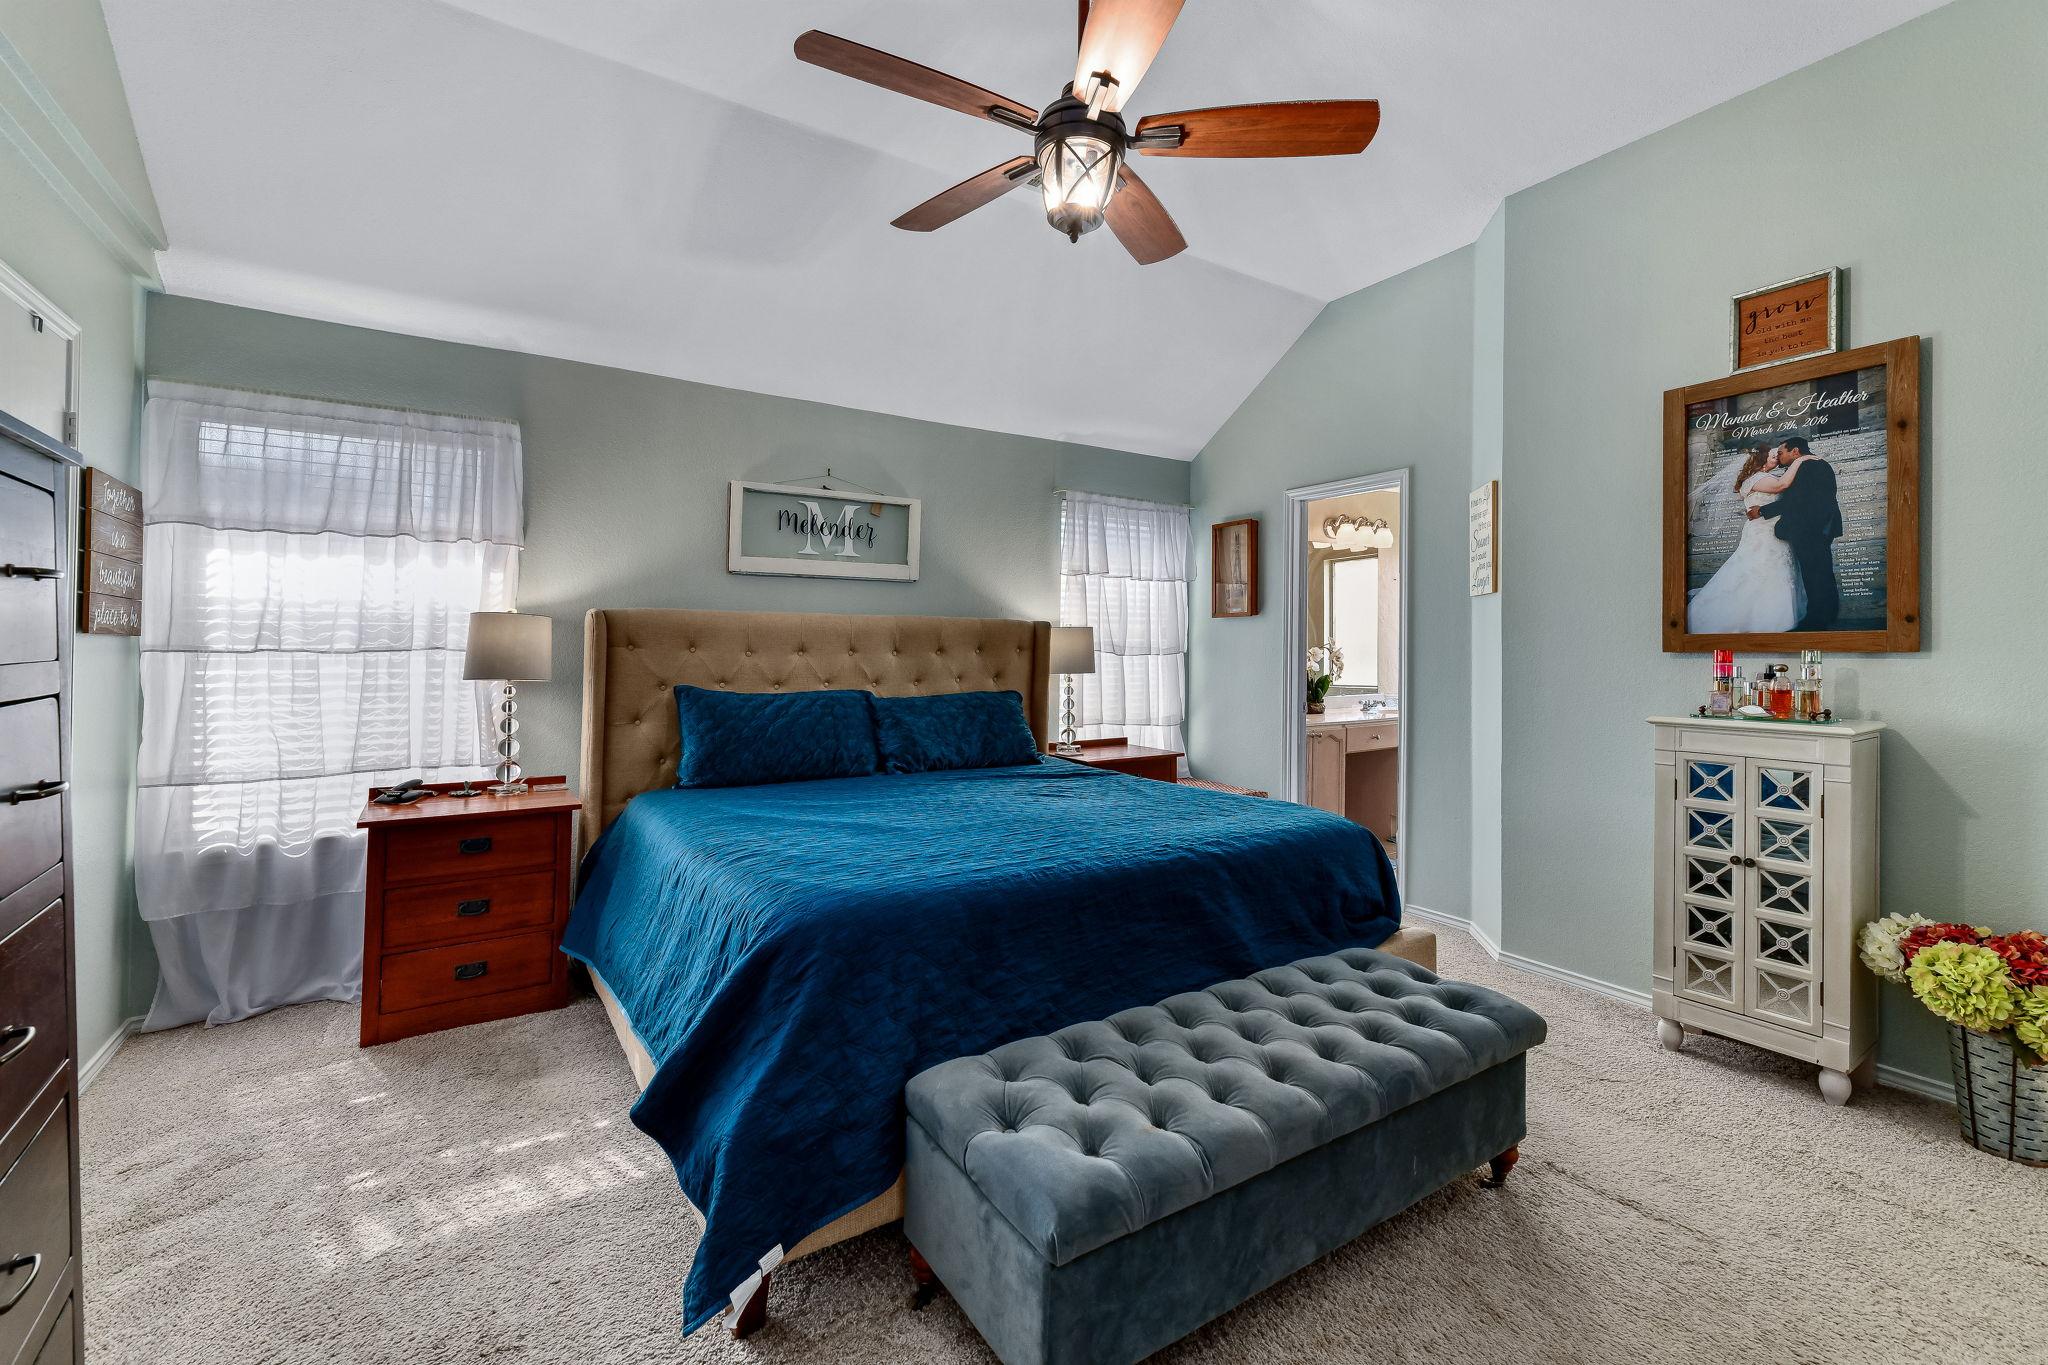 020-Master Bedroom-FULL